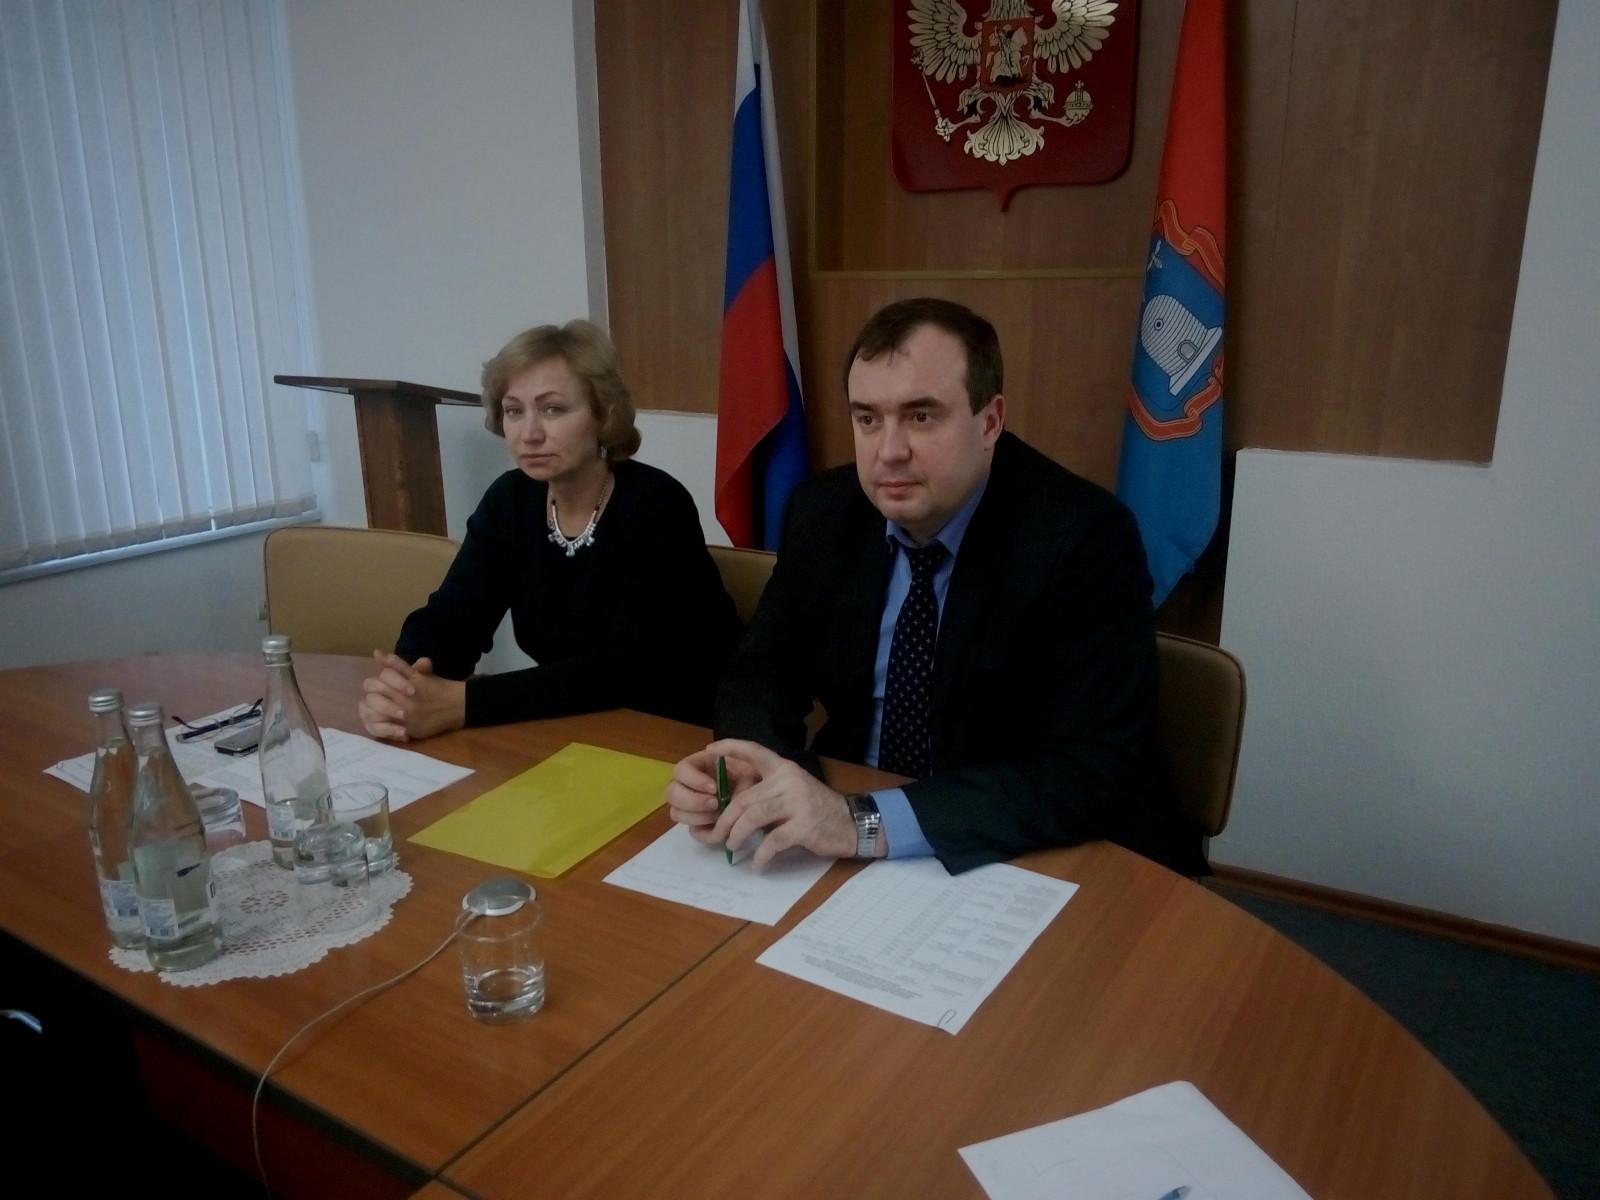 Тамбовская область вошла в число первых претендентов на получение субсидии для модернизации системы обращения с отходами